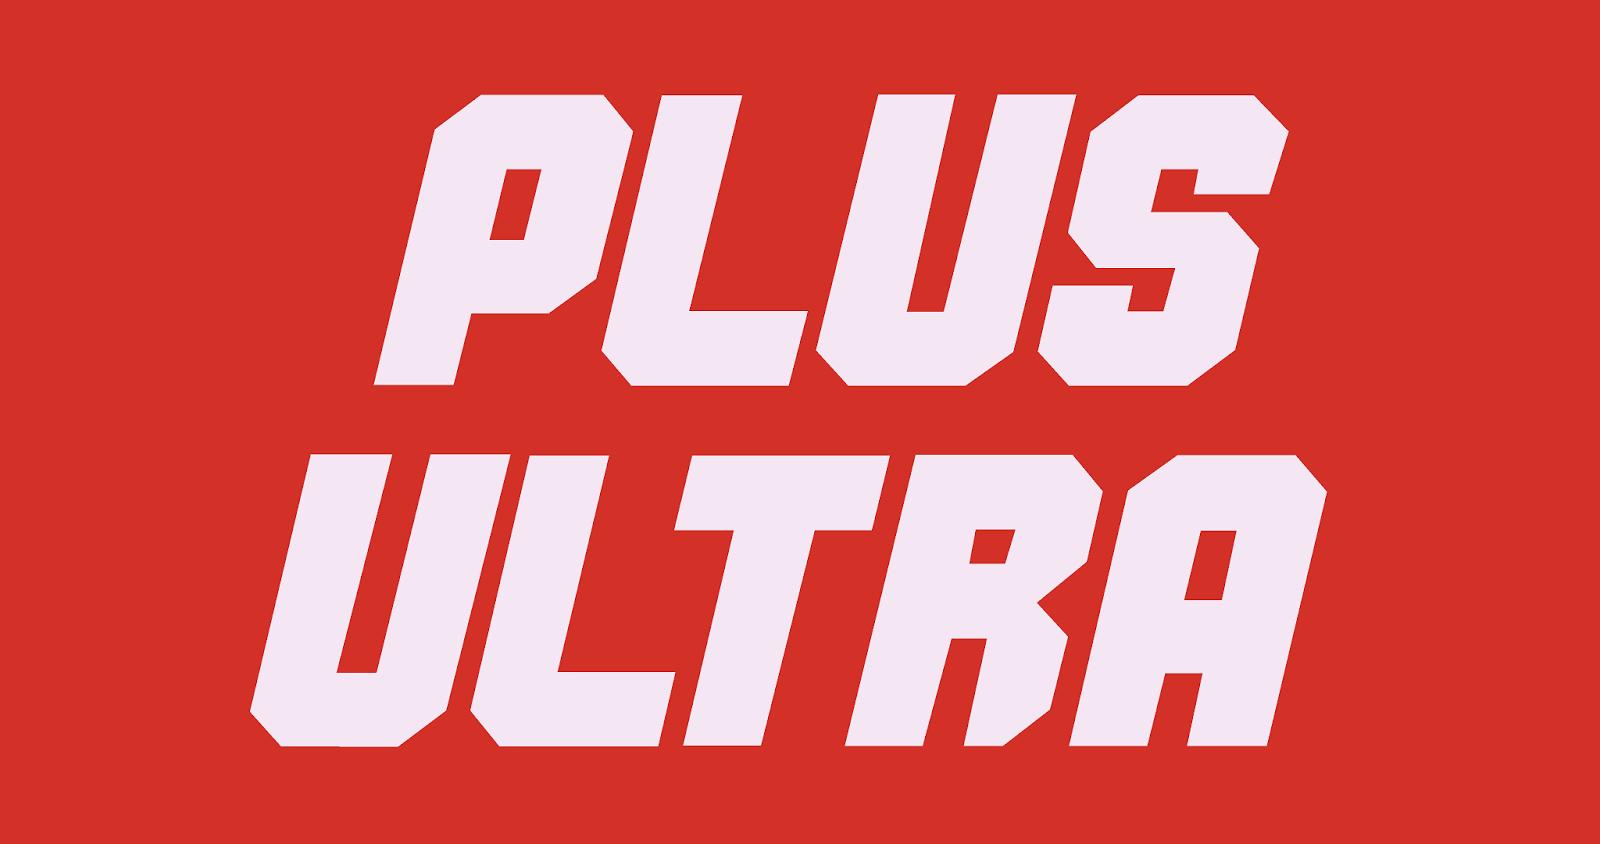 50 Best My Hero Academia Wallpapers Hd 2020 We 7